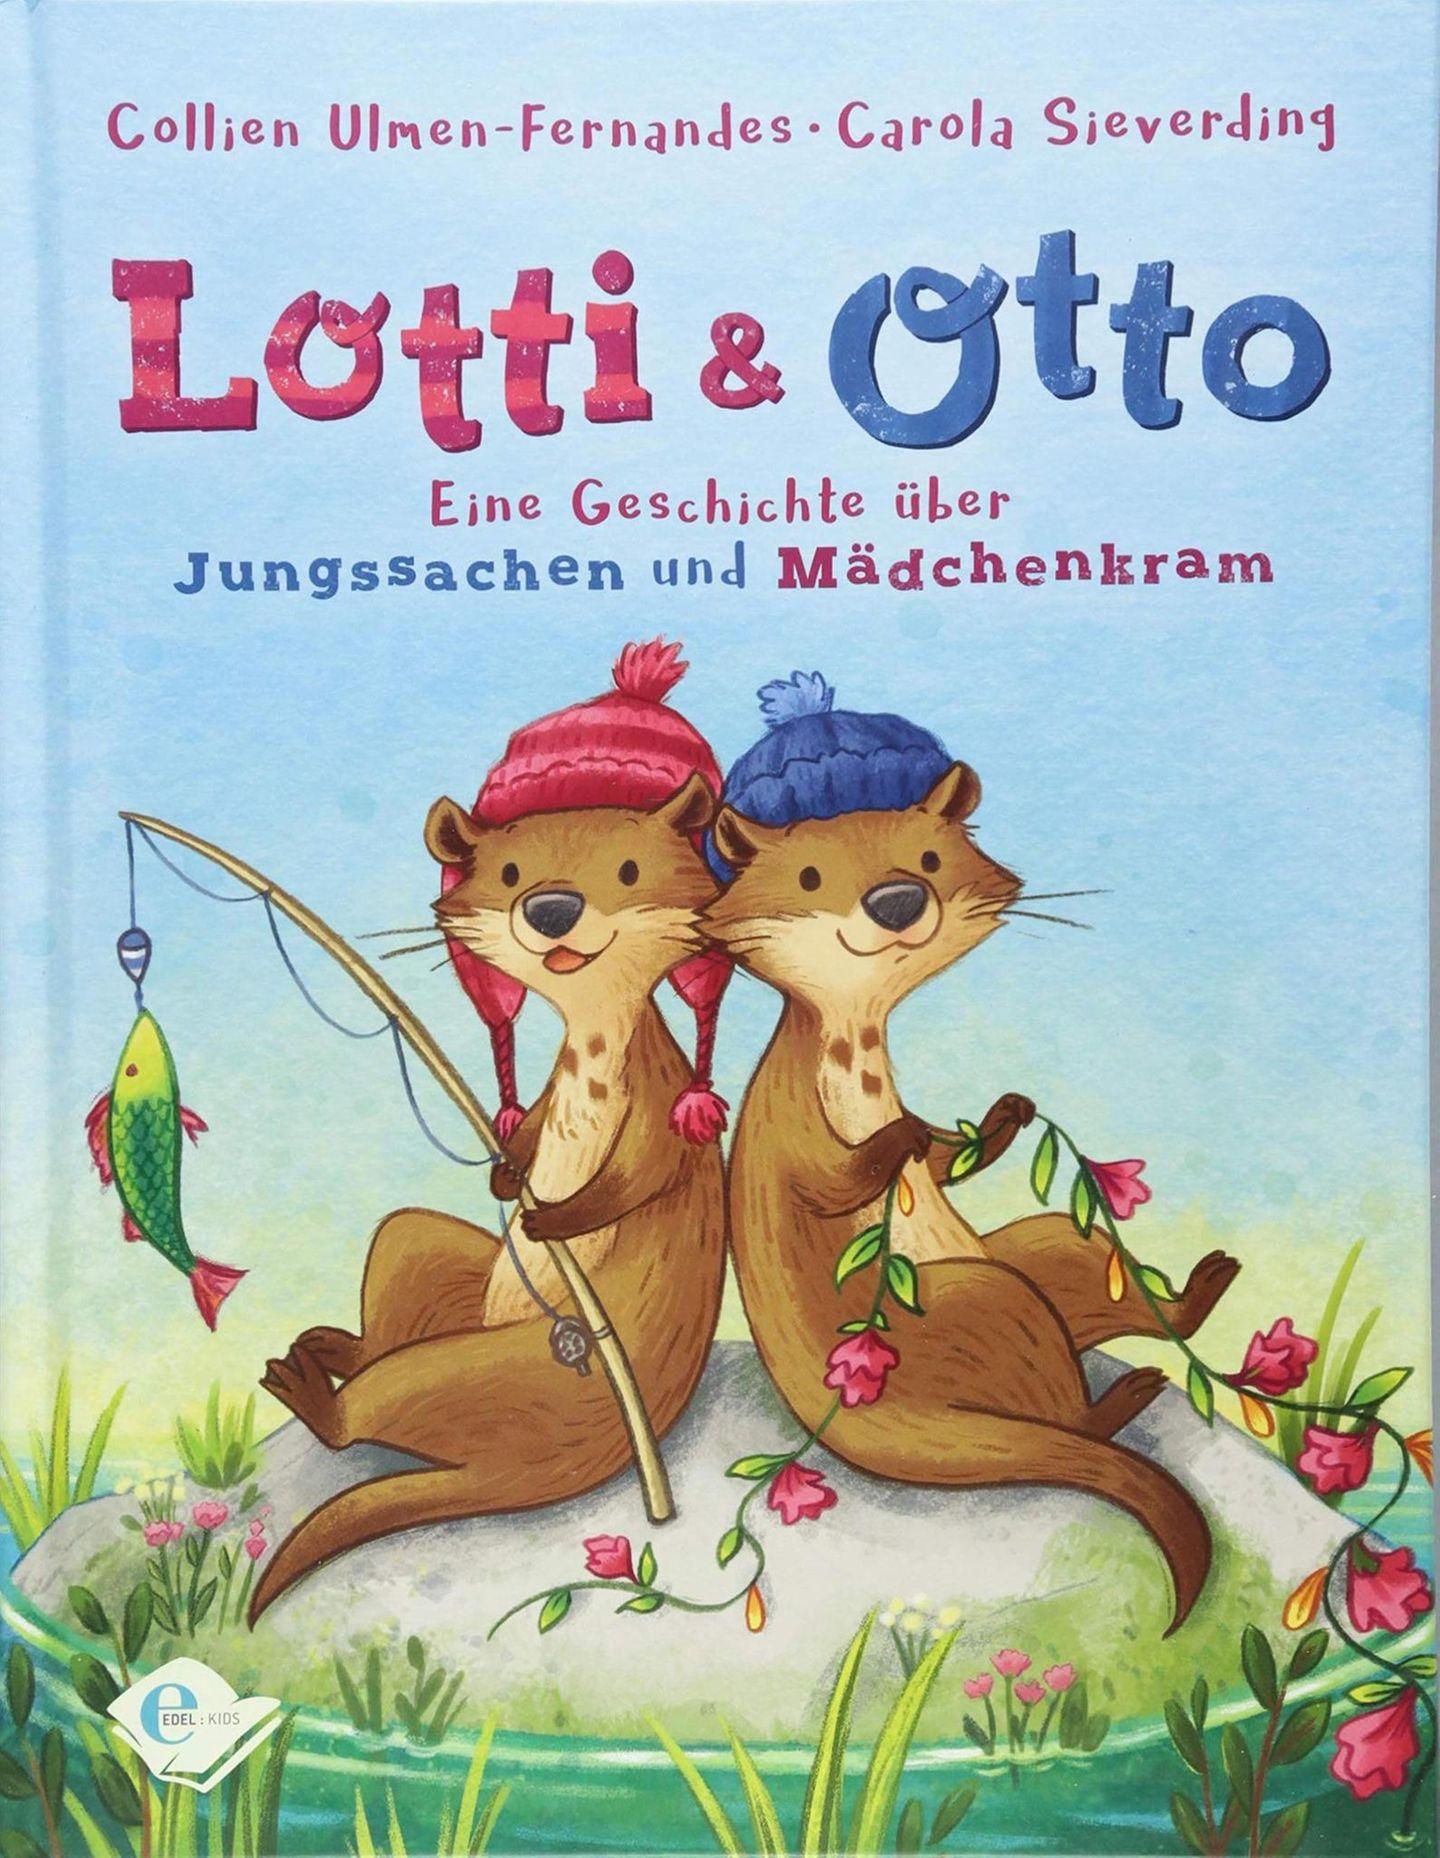 Als sich Lotti und Otto im Ferienlager begegnen, ist das Erstaunen groß: Die beiden Otterkinder gleichen sich wie ein Ei dem anderen! Und doch sind sie ganz verschieden: Lotti ist ein Mädchen und Otto ein Junge. Otto backt und näht gerne, während Lotti am liebsten draußen herumtollt und Fische fängt. Aber Backen ist doch Mädchenkram und Fische fangen Jungssache – oder?    Lotti und Otto: Eine Geschichte über Jungssachen und Mädchenkram von Collien Ulmen-Fernandes und Carola Sieverding erschienen bei Edel Kids Books für 14 €